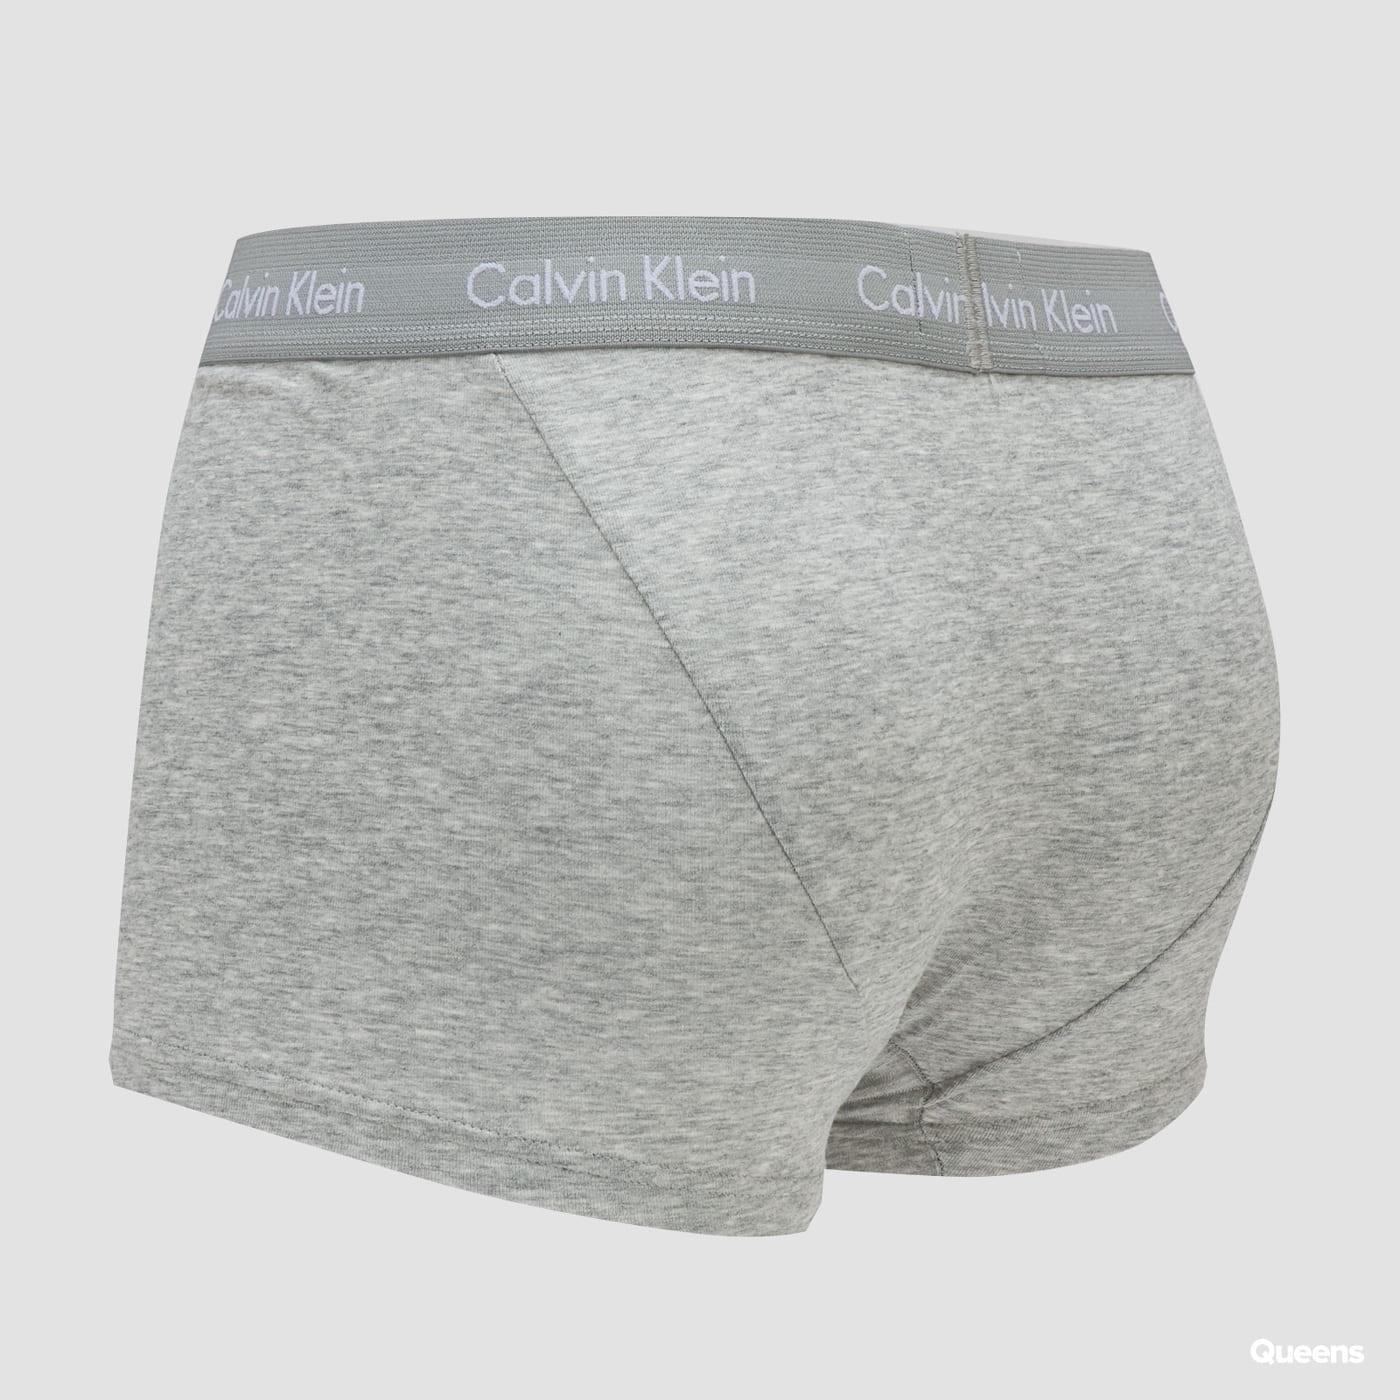 Calvin Klein 3 Pack Low Rise Trunks C/O black / melange gray